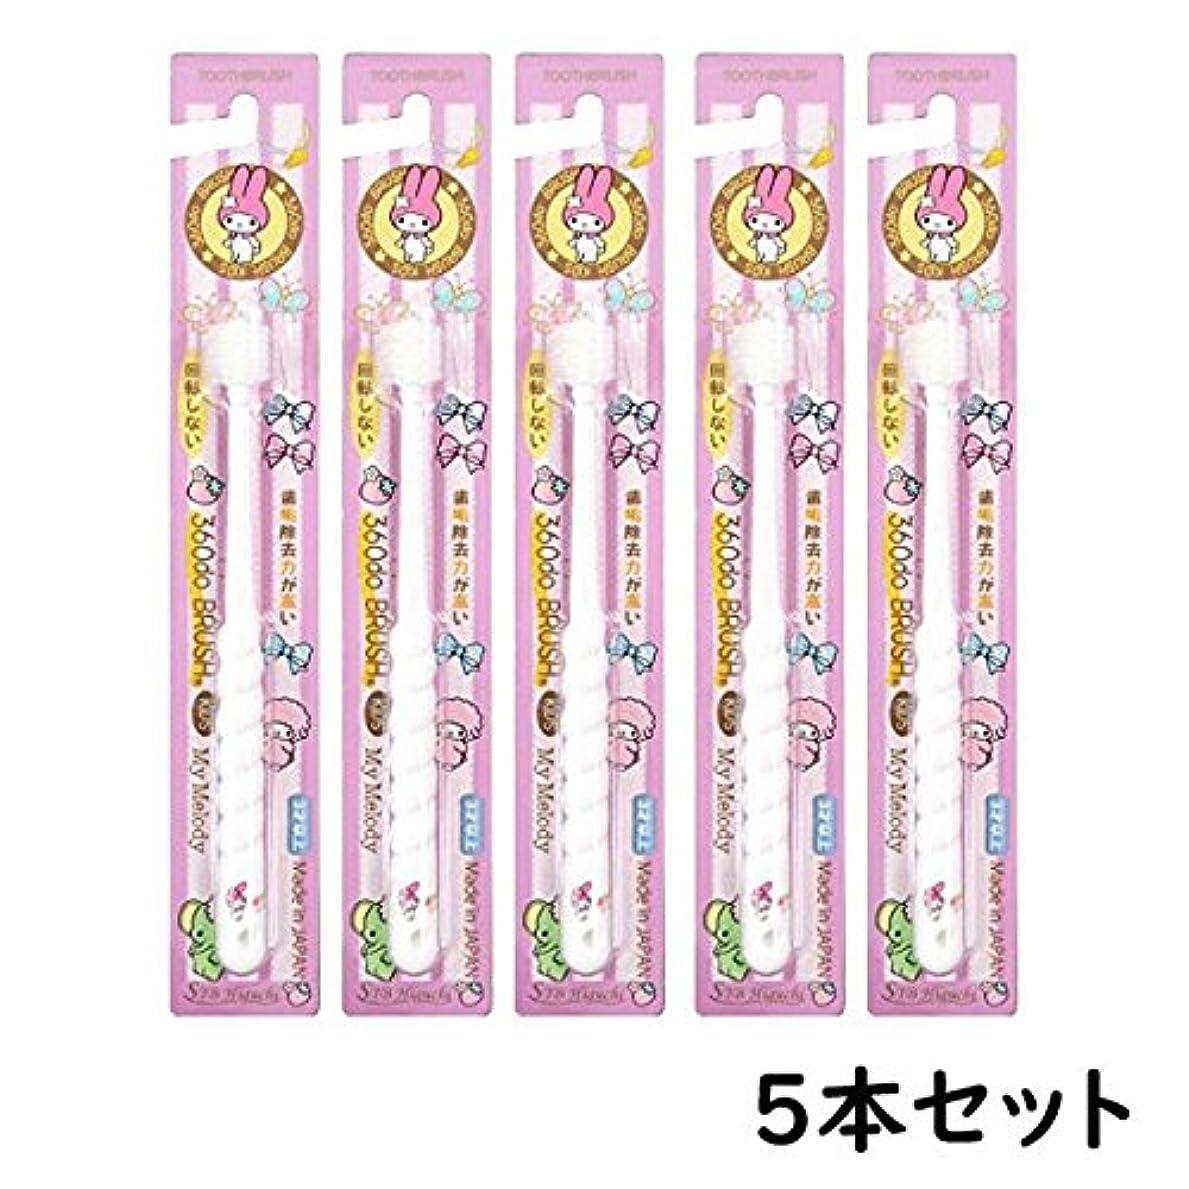 360度歯ブラシ 360do BRUSH たんぽぽの種キッズ マイメロディ (5本)